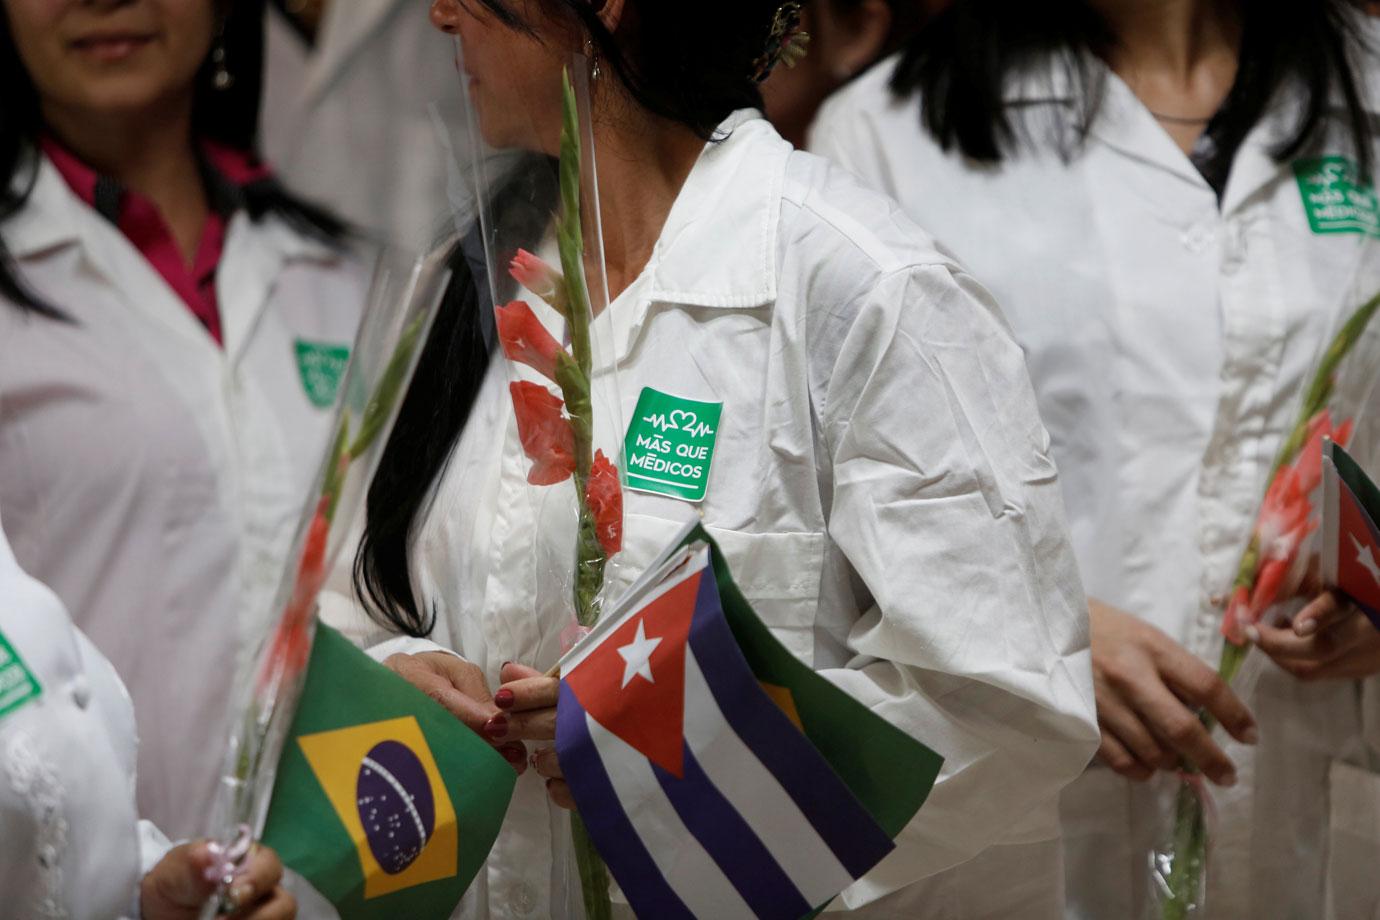 8,200 médicos já foram selecionados para o Mais Médicos, diz Ministério da Saúde